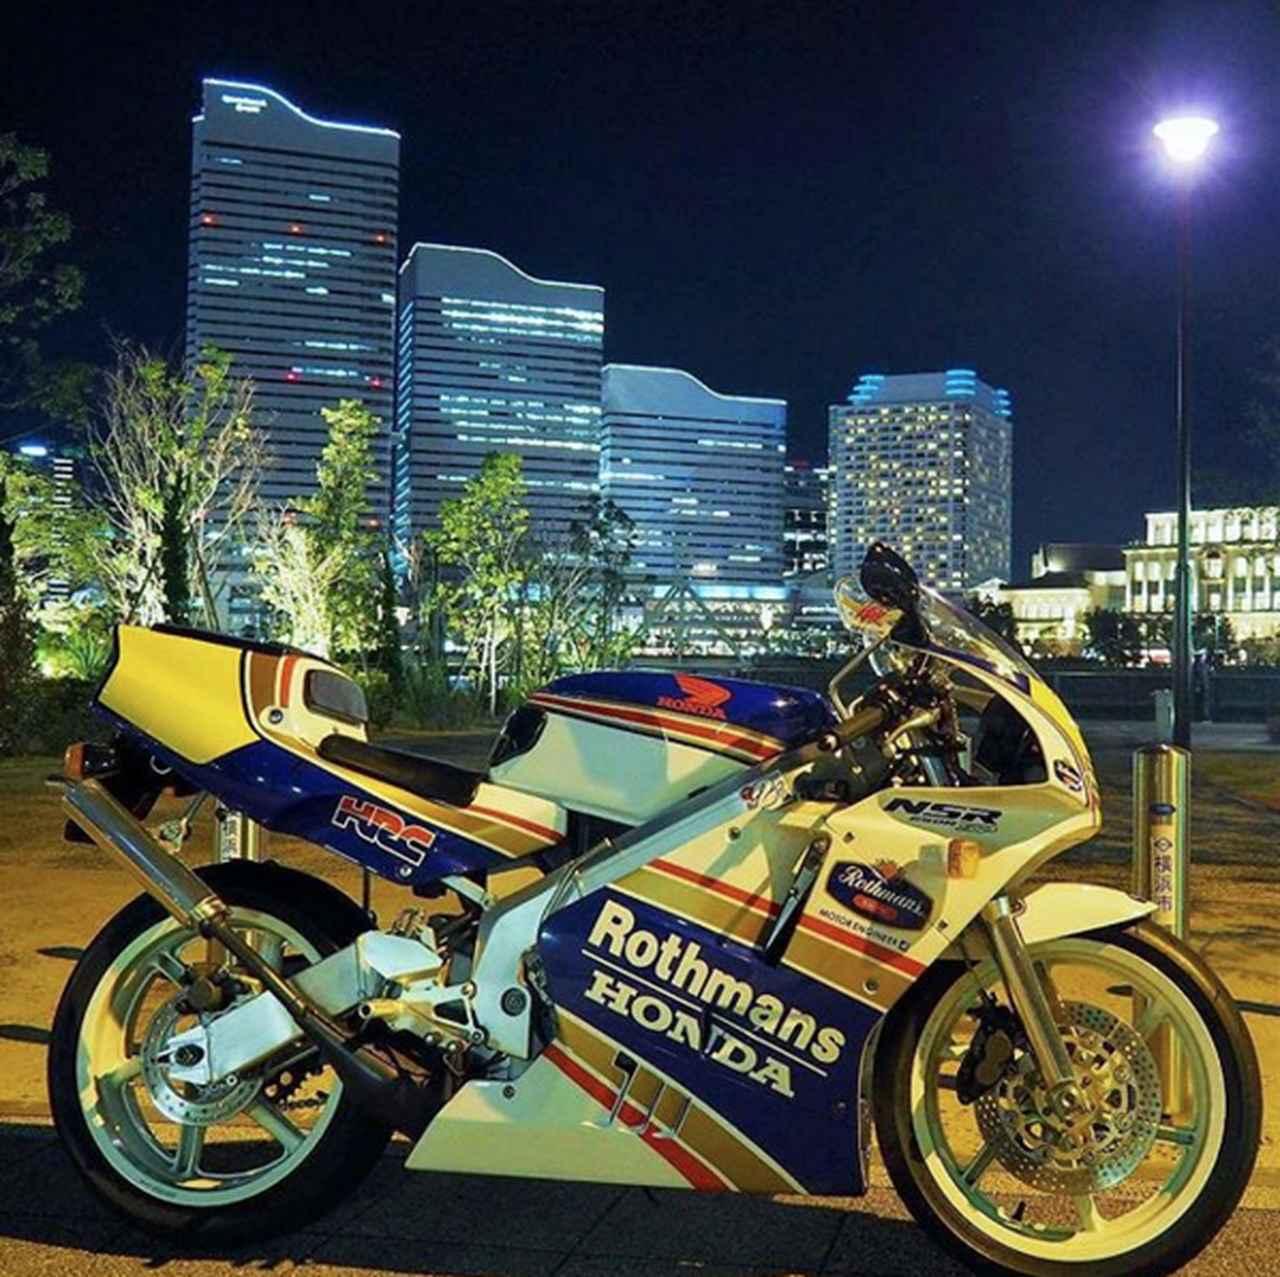 画像: 250ccバイクと夜景と気球と...。【リトホンインスタ部vol.43】 - A Little Honda